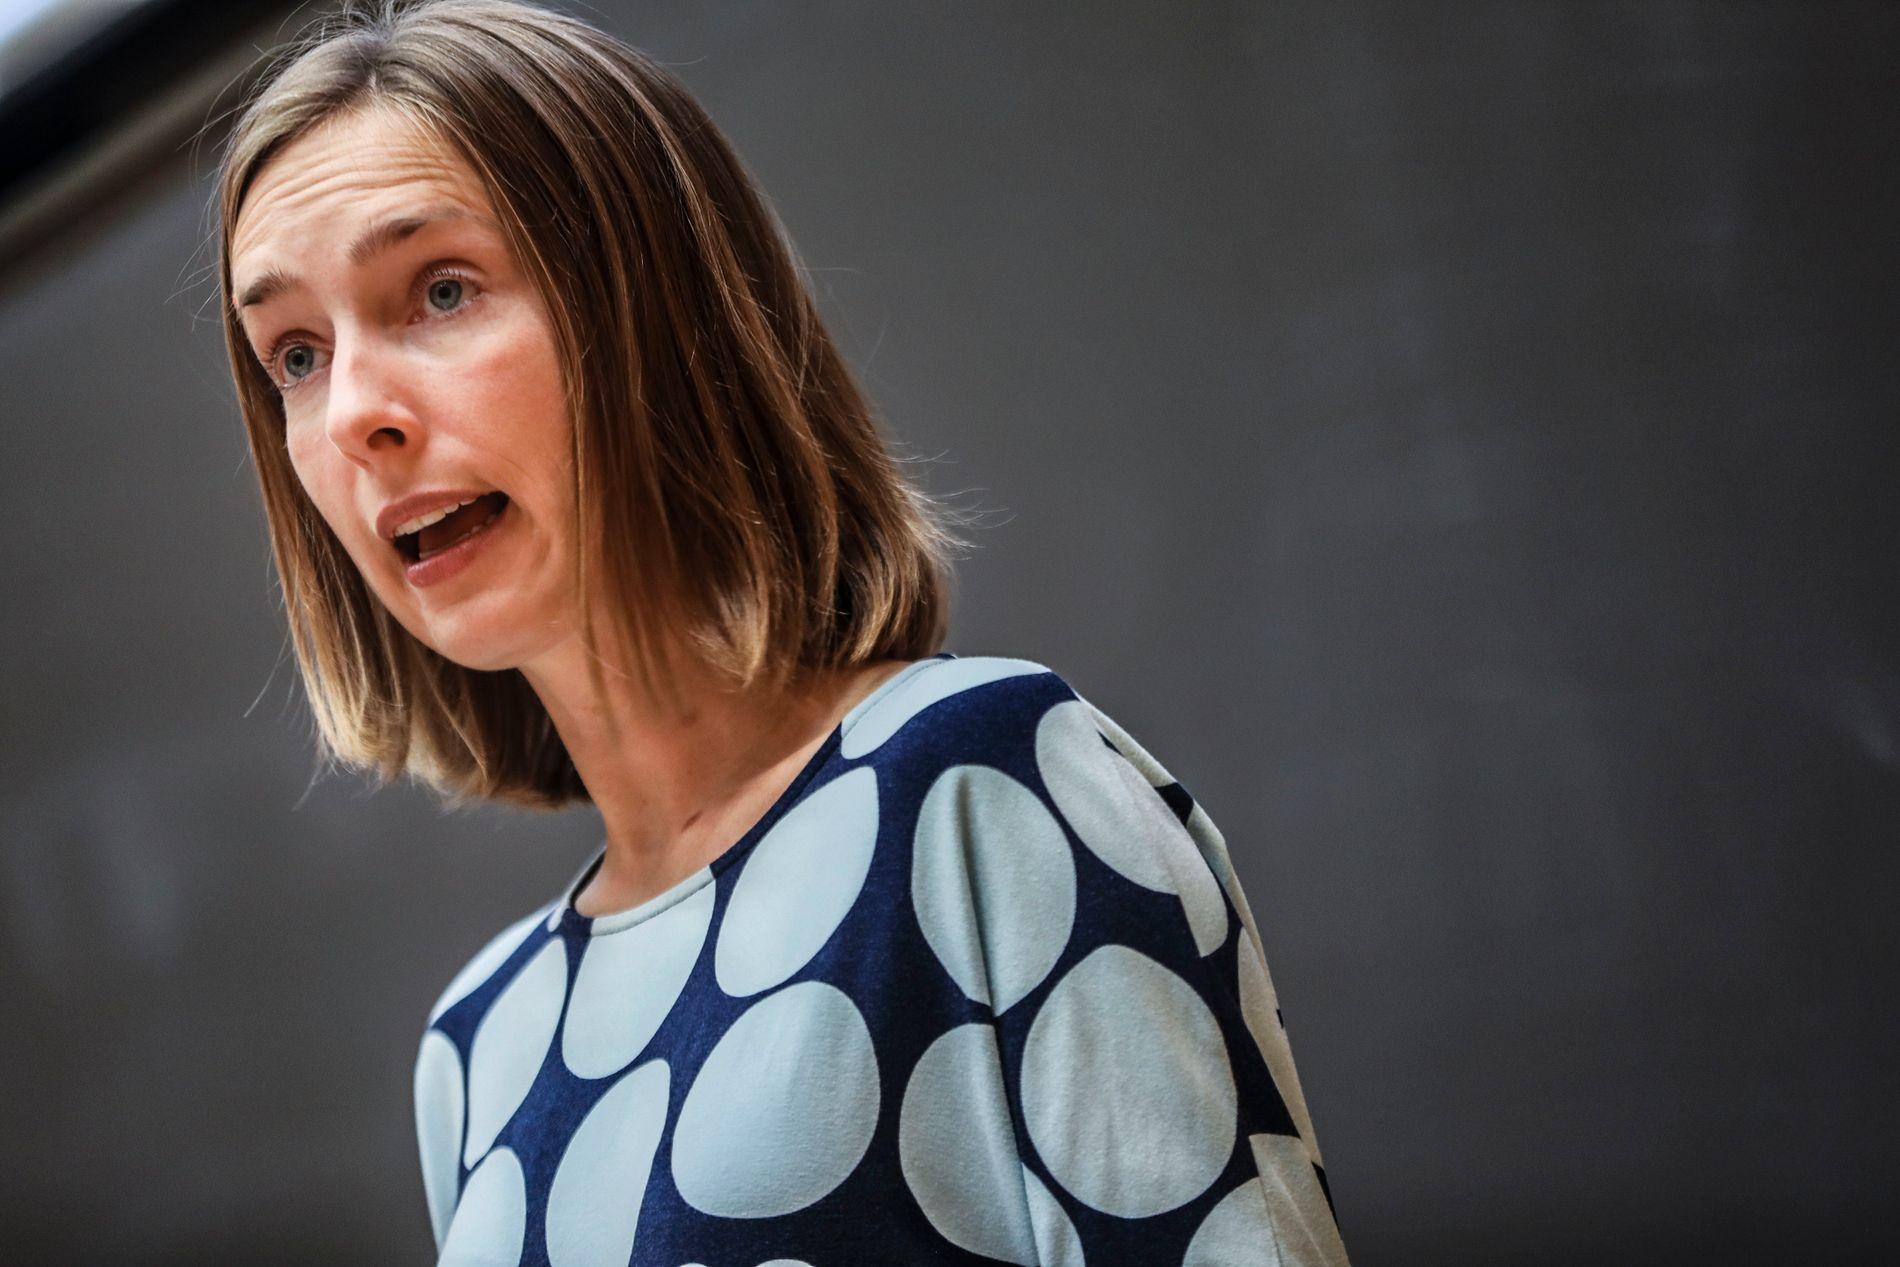 ENDRER: Utdanningsminister Iselin Nybø (V) endrer hvordan studielånet blir omgjort for at flere skal gjennomføre utdanningsløpet.